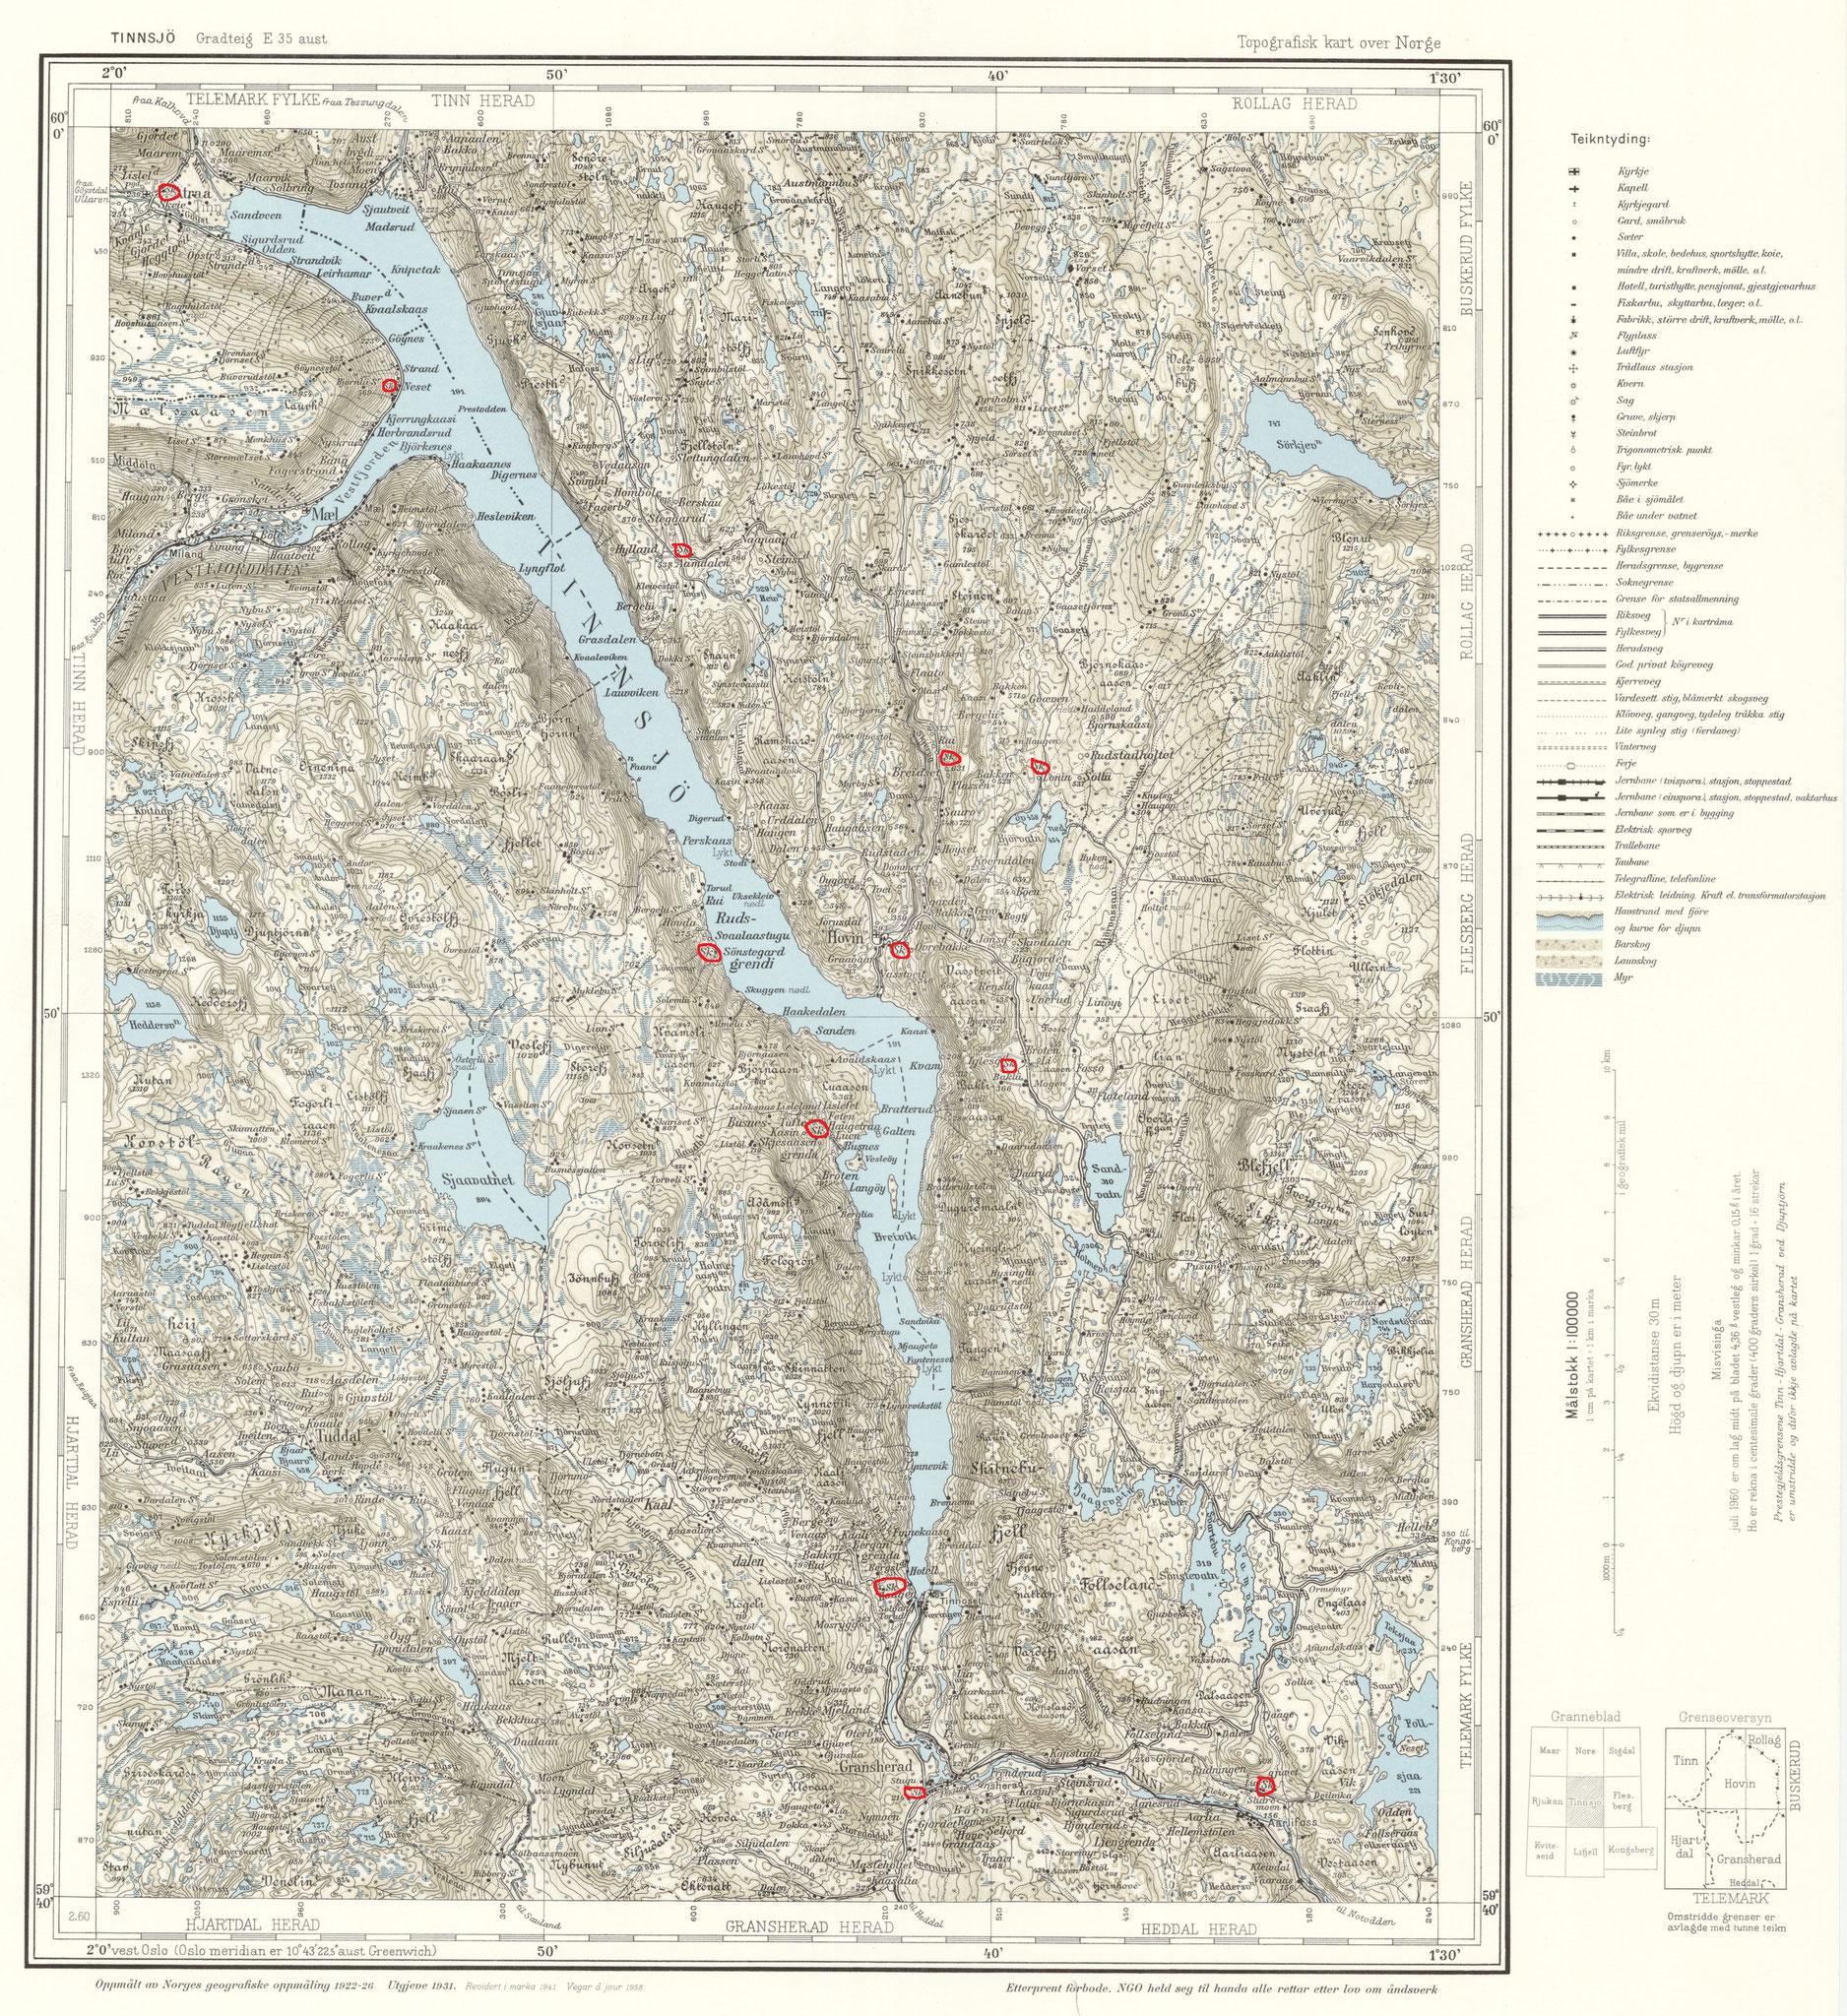 Karte von 1922/31 damals gab es 5 Schulen in Hovin